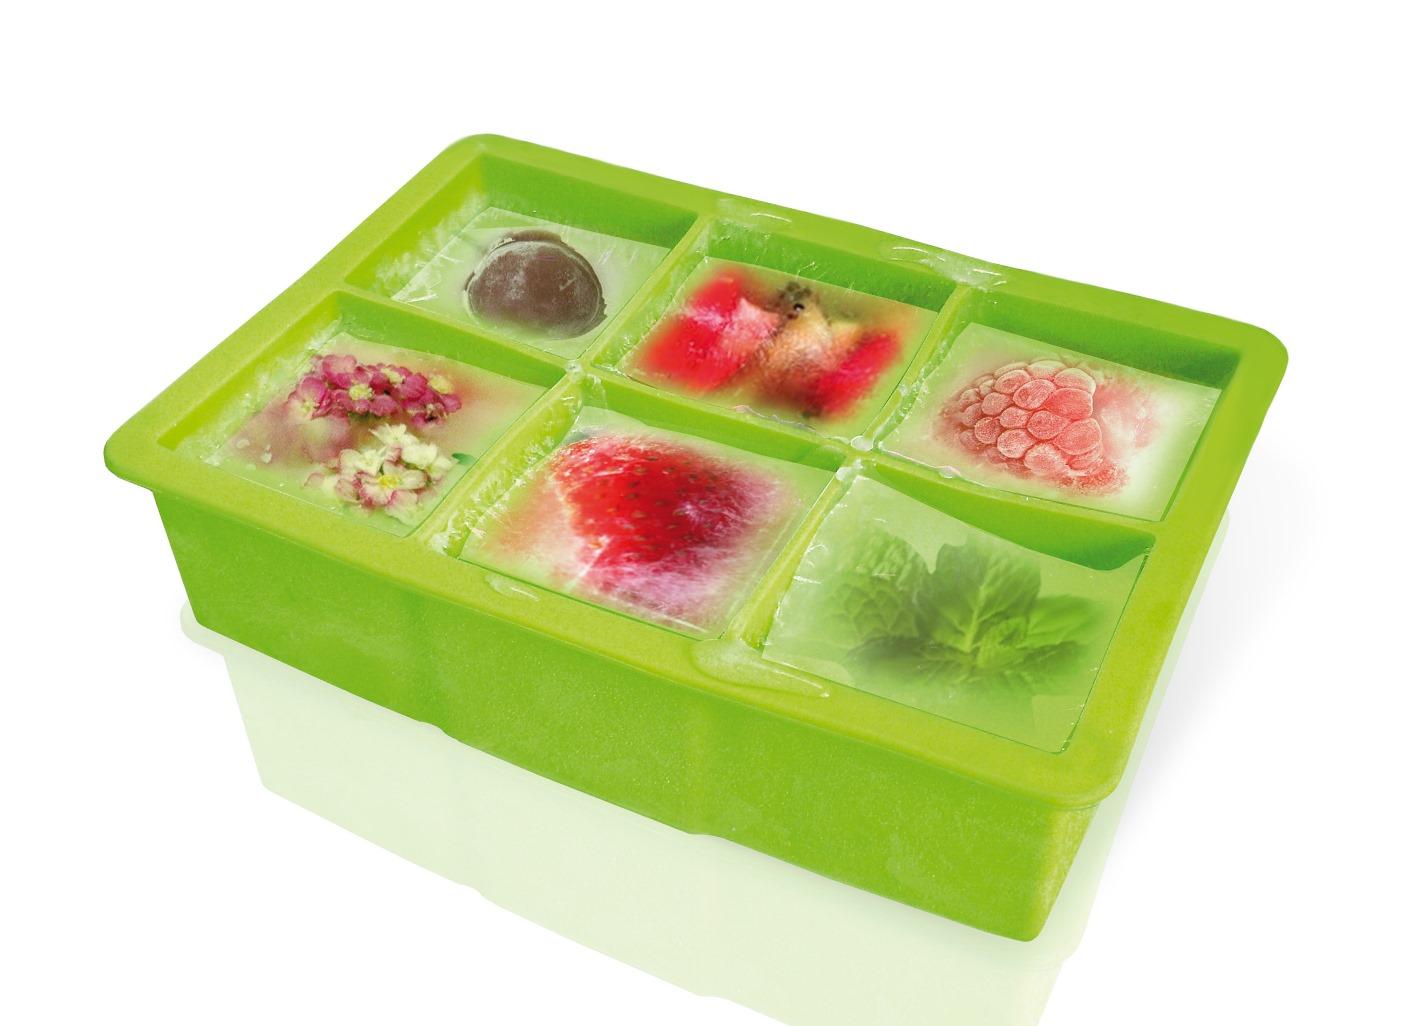 Онлайн каталог PROMENU: Форма силиконовая для льда VinBouquet COCKTAIL, на 6 ячеек (5х5 см), зеленая VinBouquet FIK 035